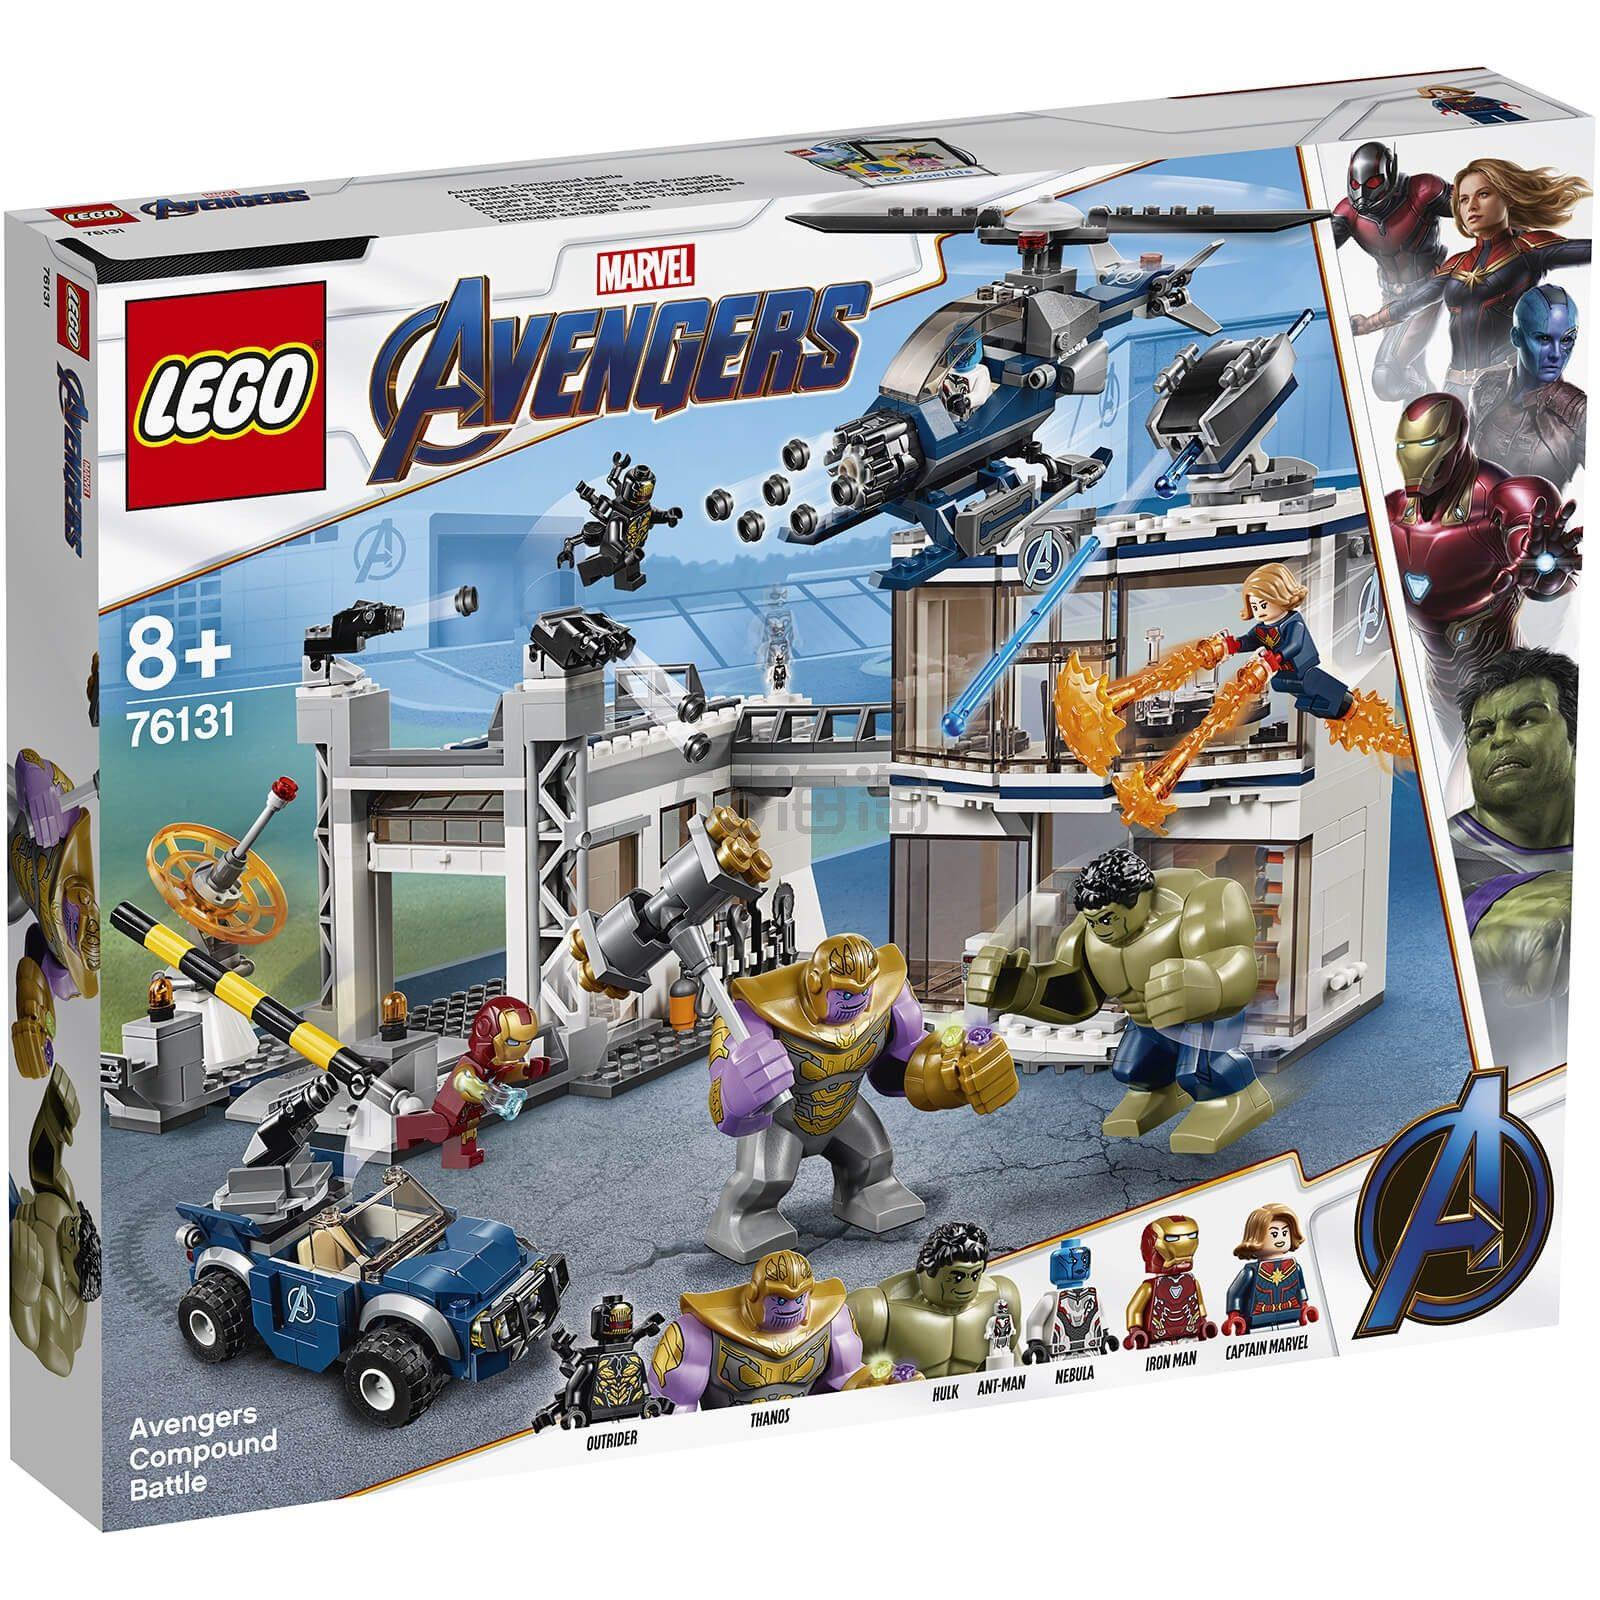 免邮中国!LEGO 乐高 超级英雄系列 复仇者联盟基地大决战 (76131) £74.99(约644元) - 海淘优惠海淘折扣|55海淘网